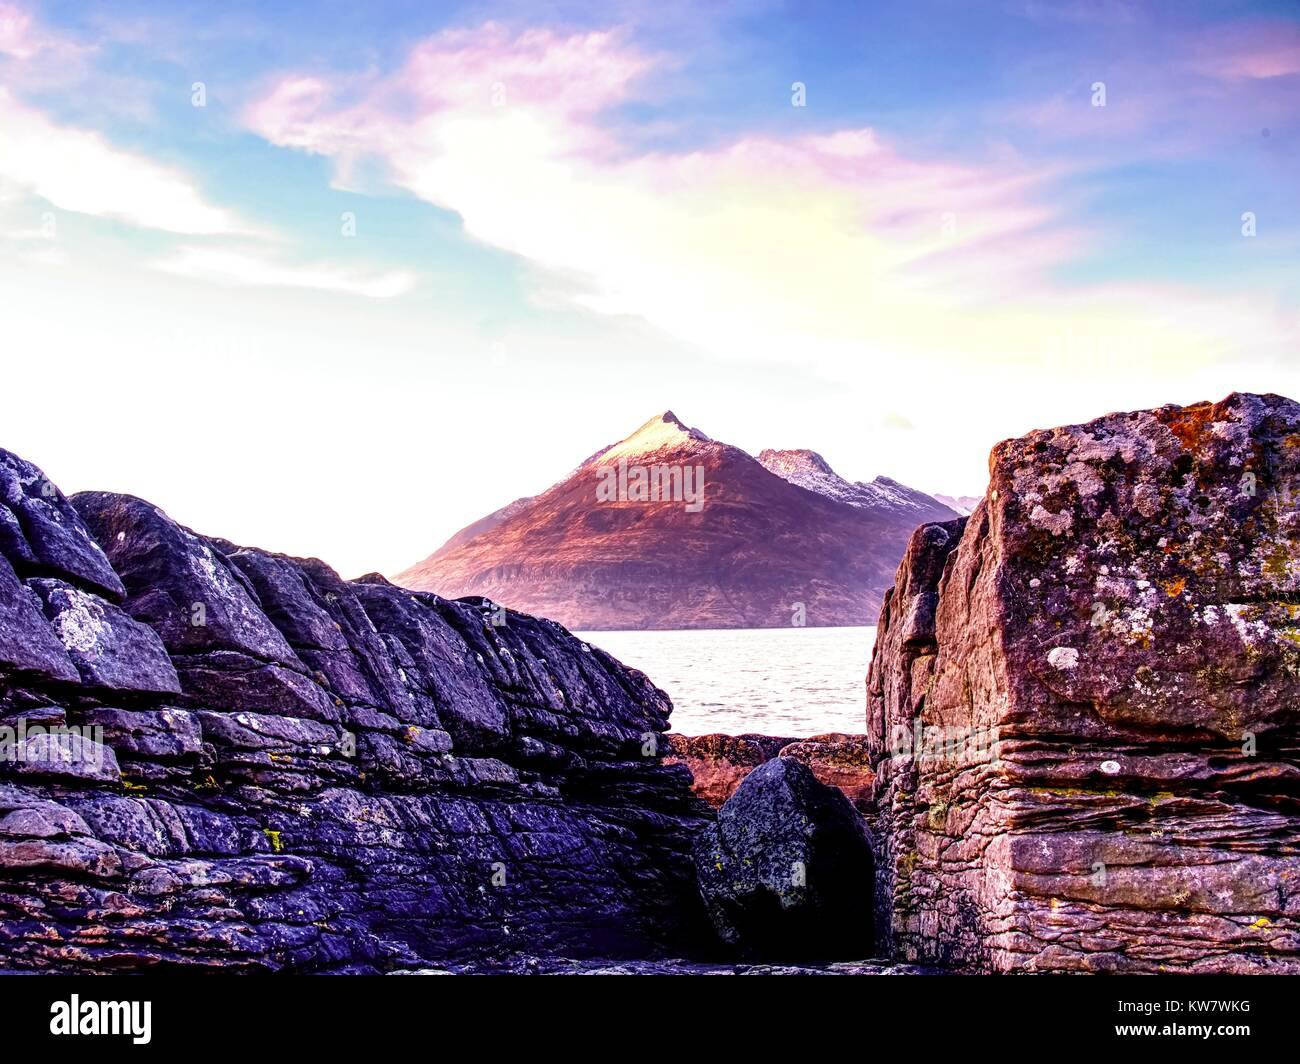 La plage de galets et falaise de Rocky Bay. Des tons bleus de février le coucher du soleil, l'horizon rose. Photo Stock